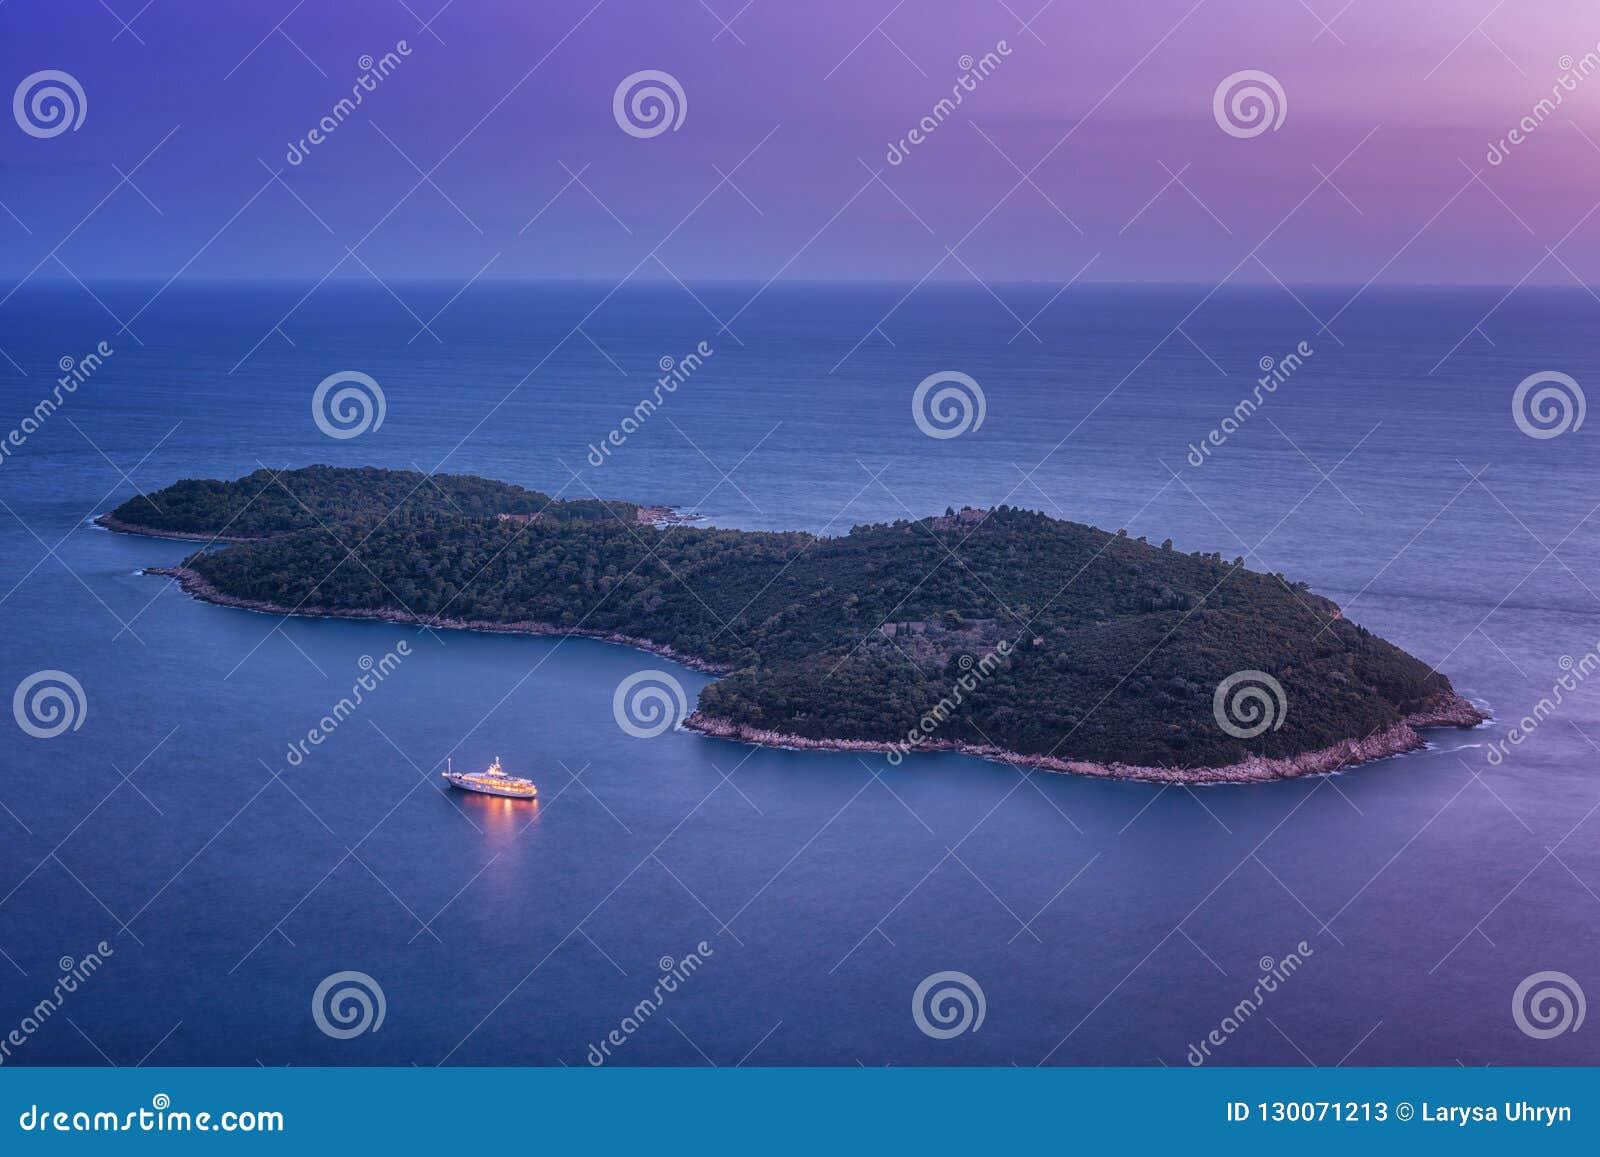 Vogel-Augenansicht von Insel Lokrum nahe Dubrovnik nachts, Kroatien